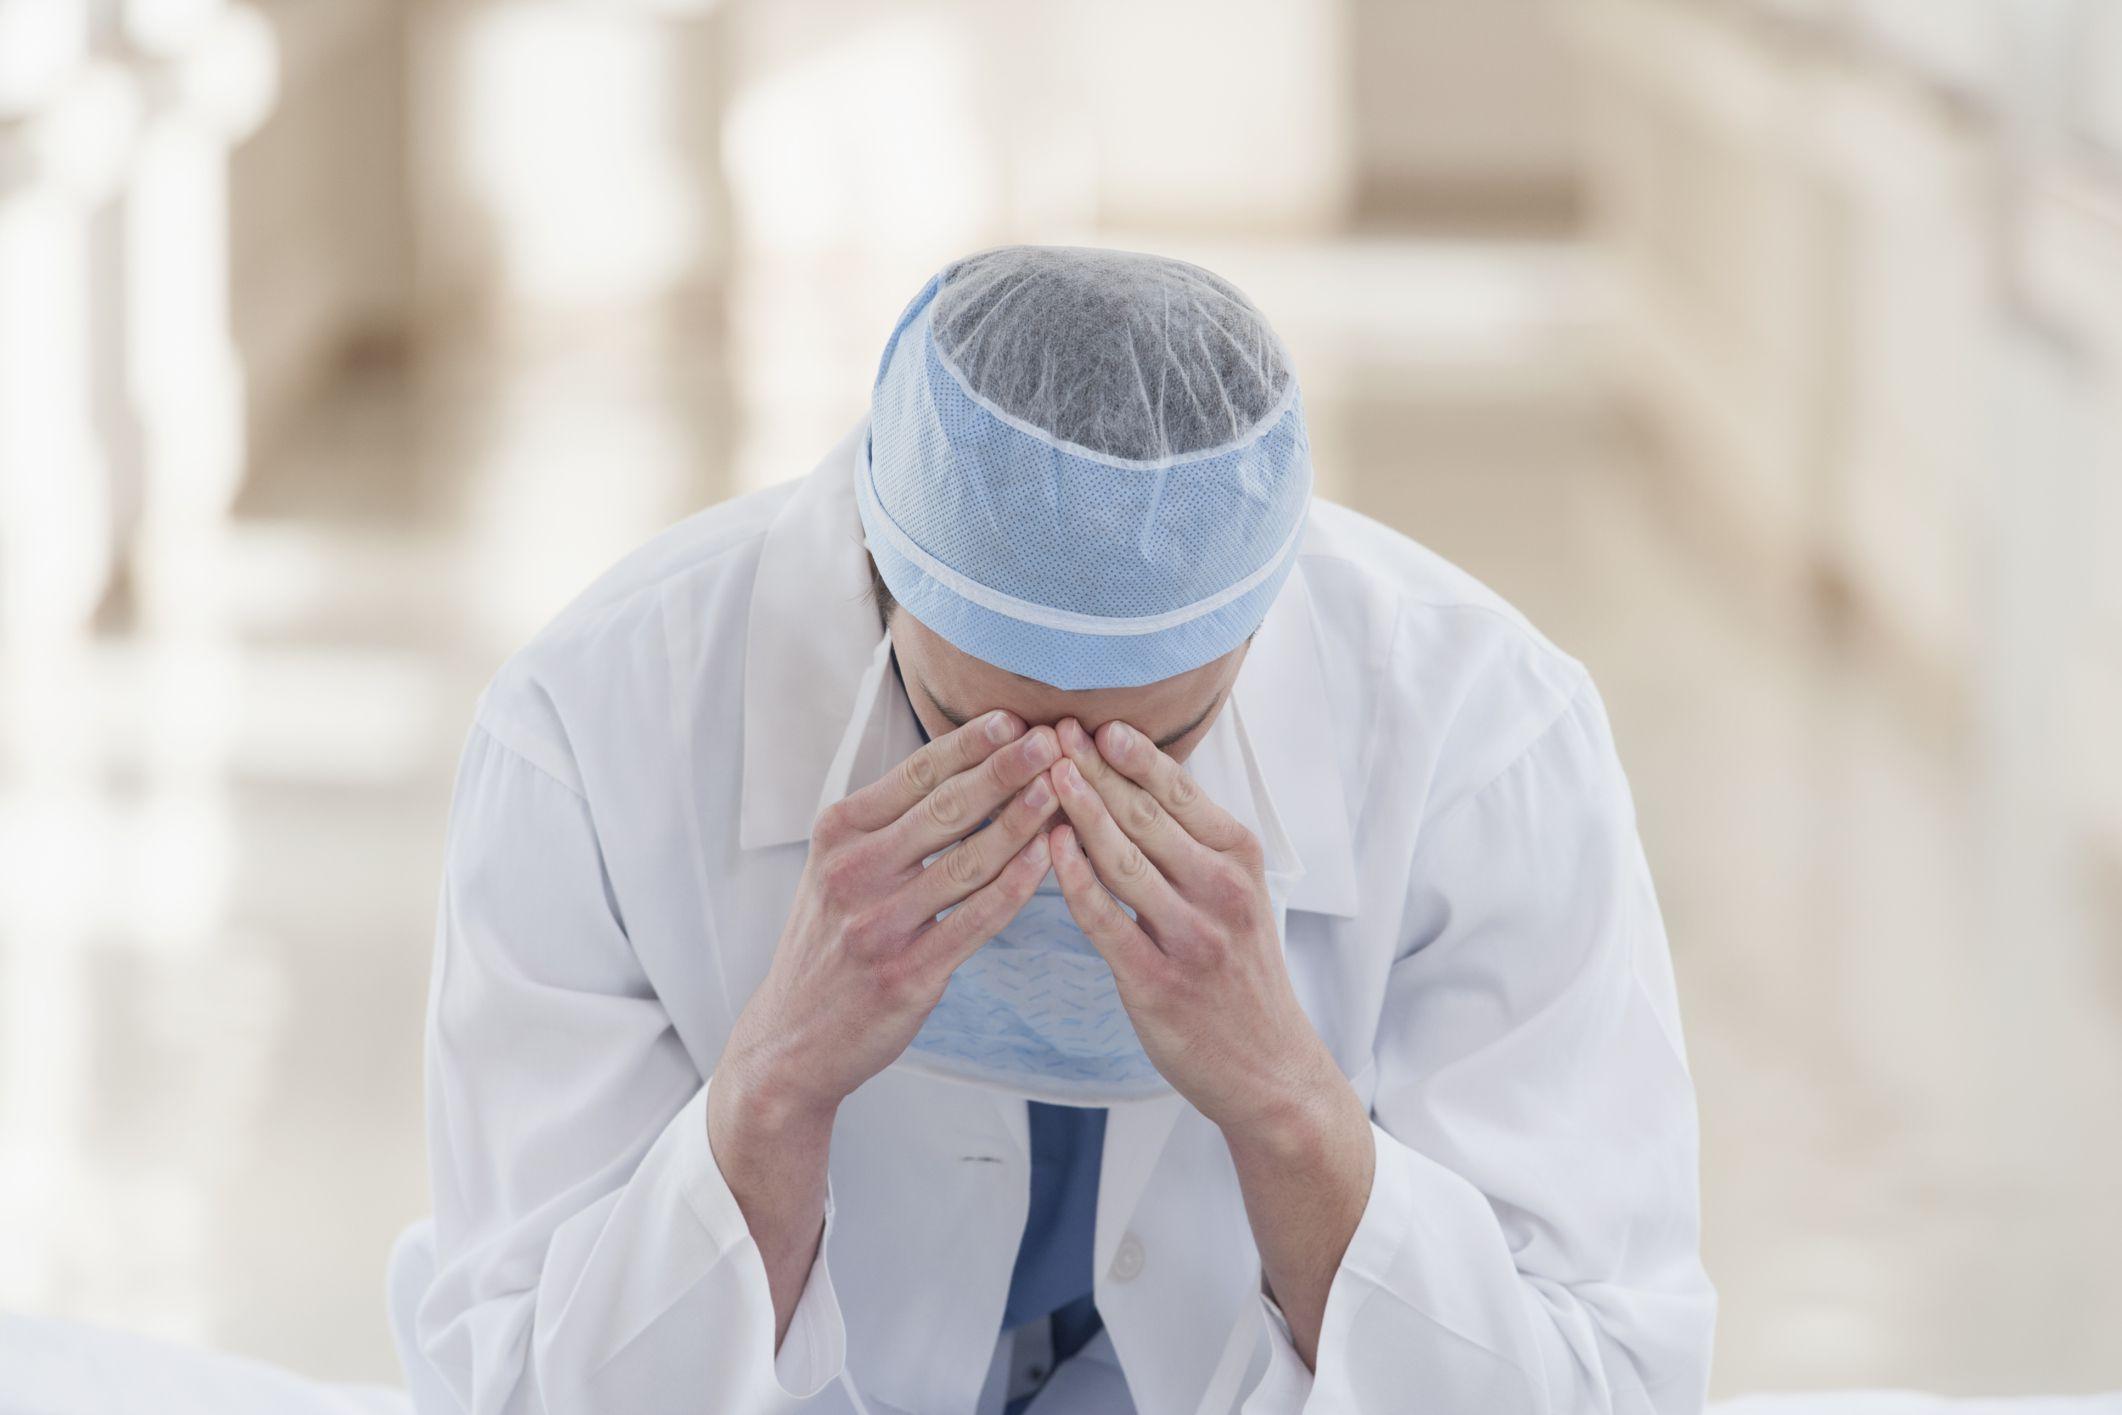 Upset doctor with head in hands